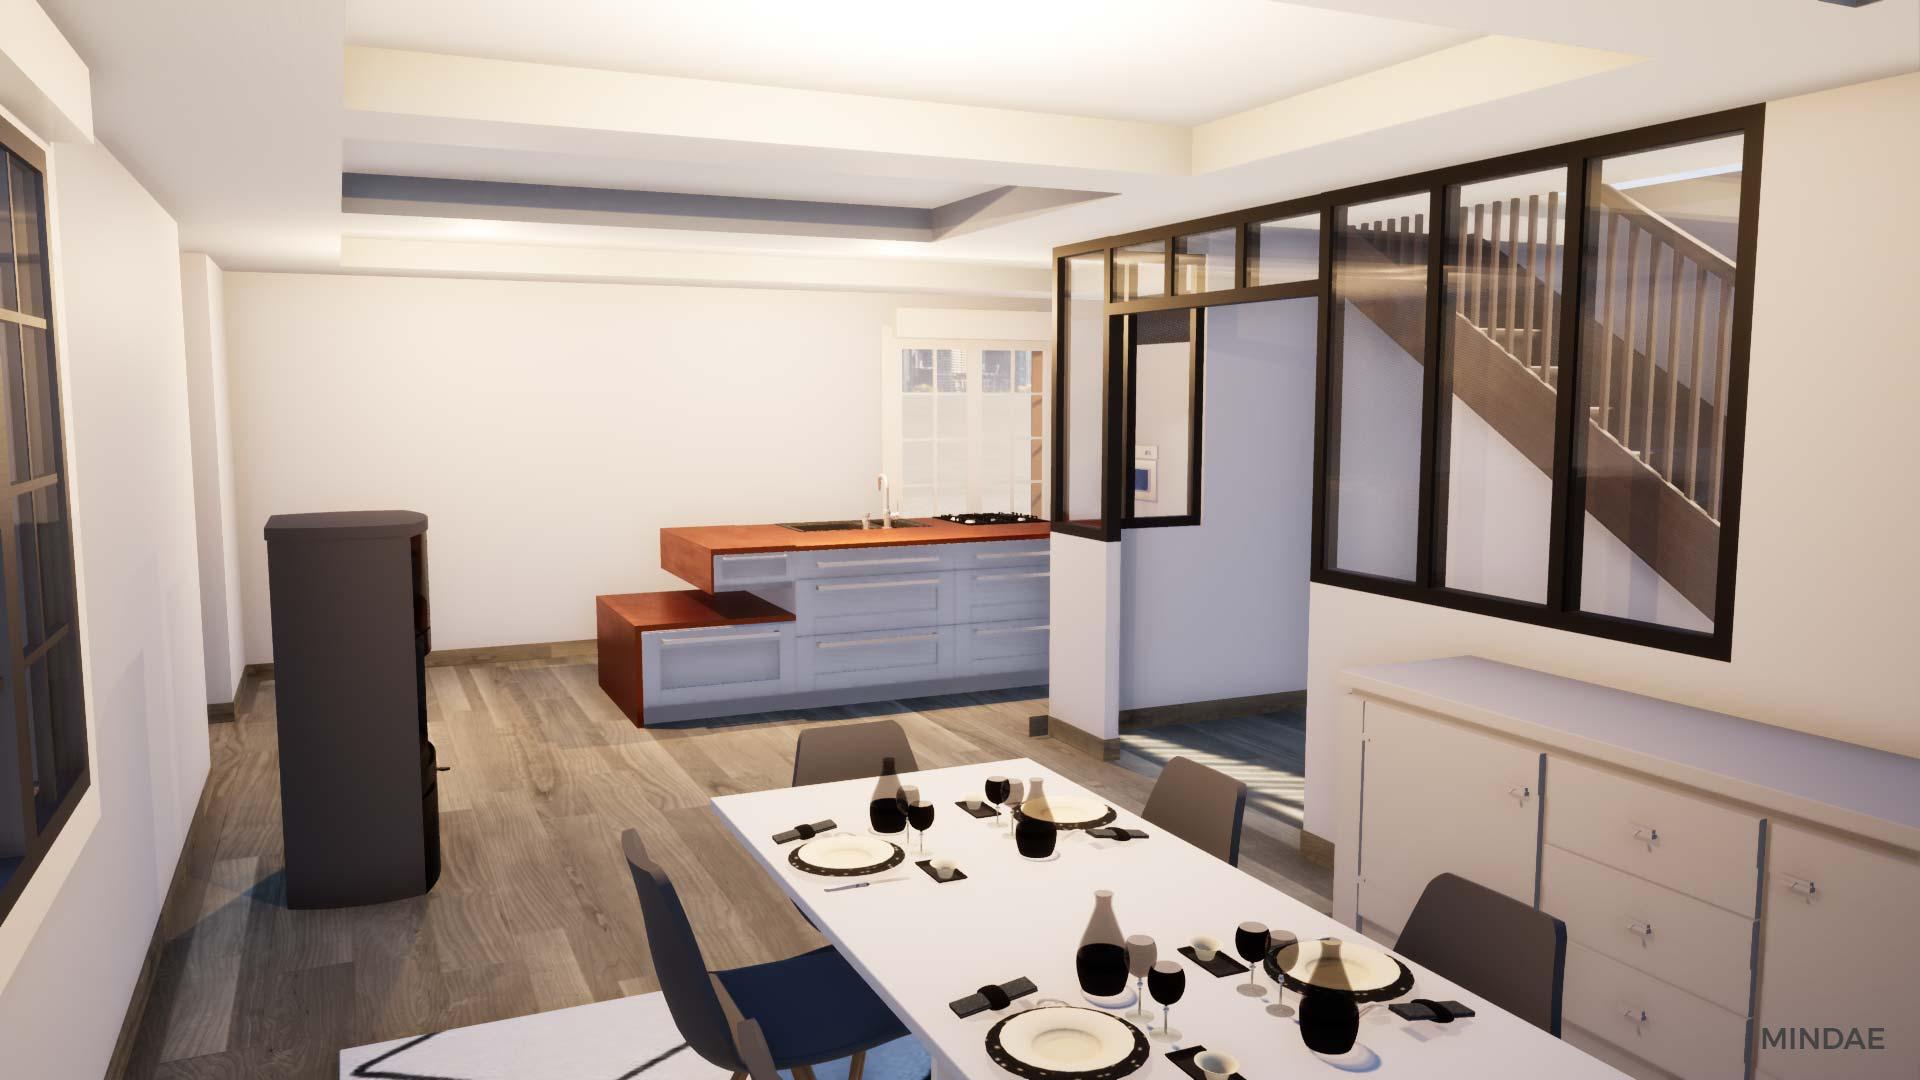 Mindae_3D_maison_salon_verriere_metal_test_agencement_design_cuisine_entree-(6)